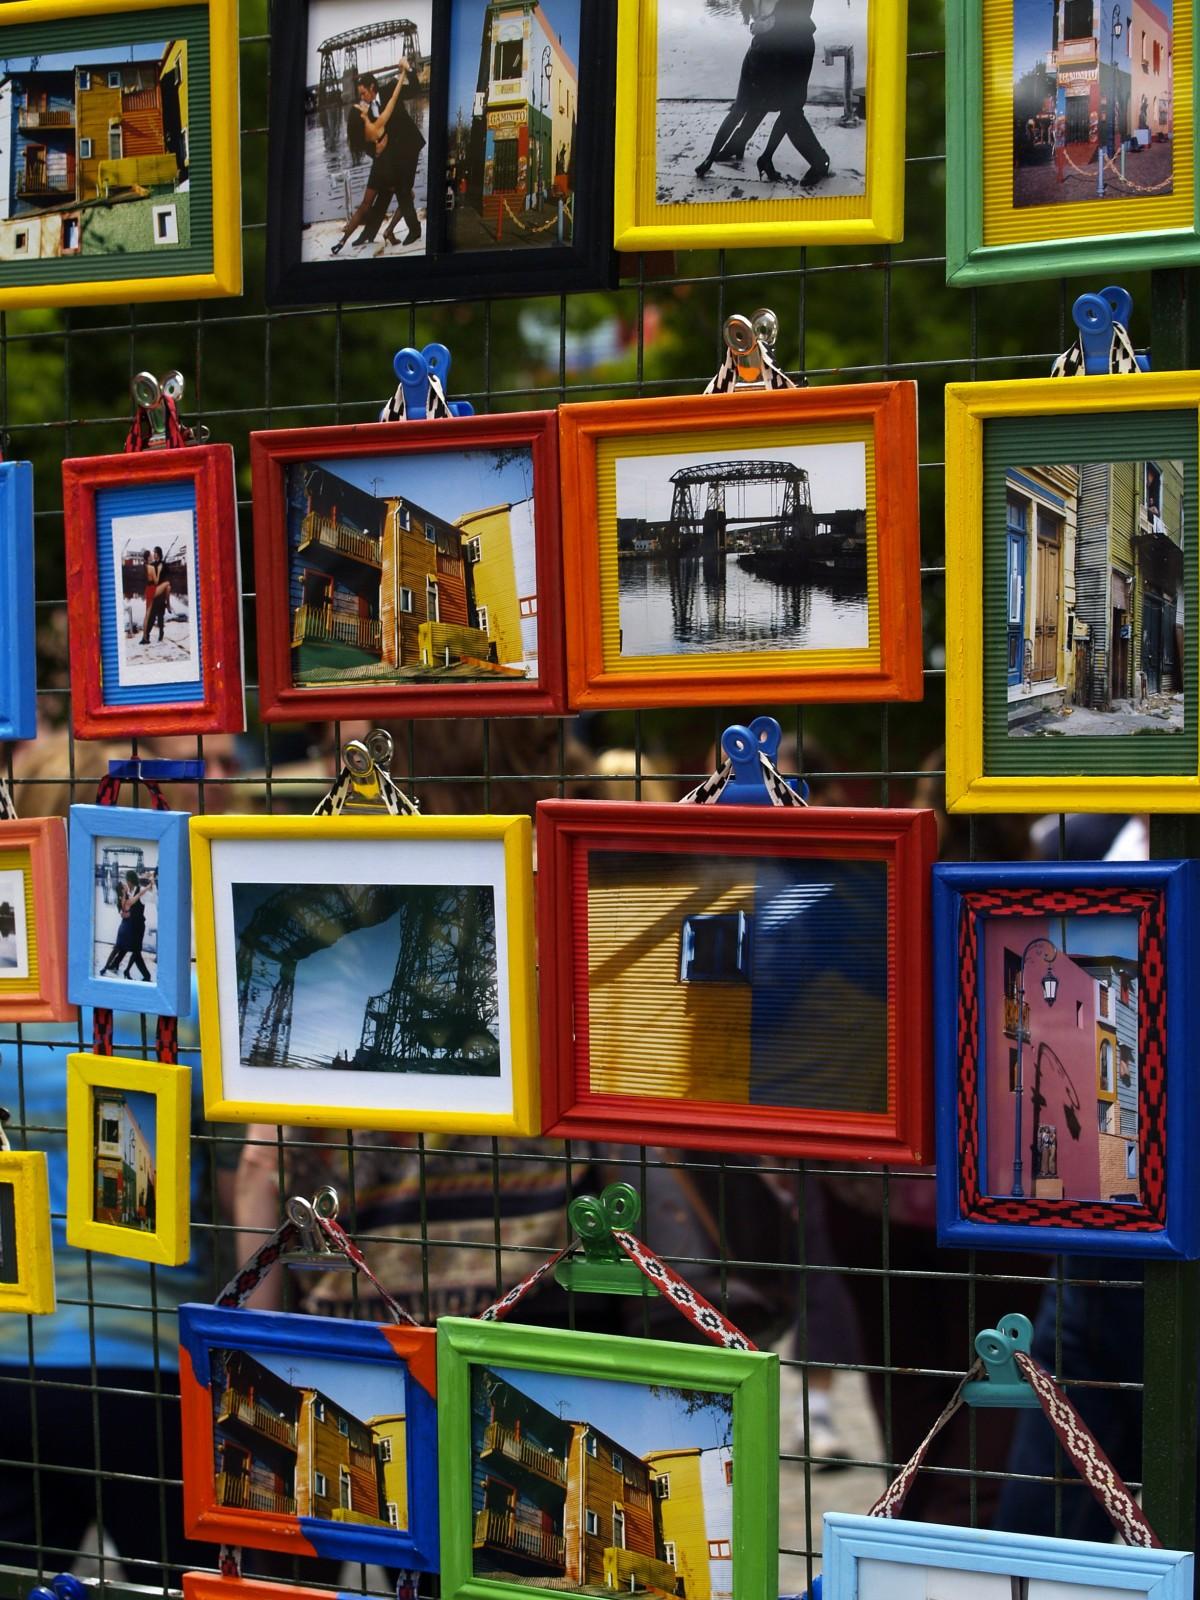 Buenos Aires Framed Artwork.png